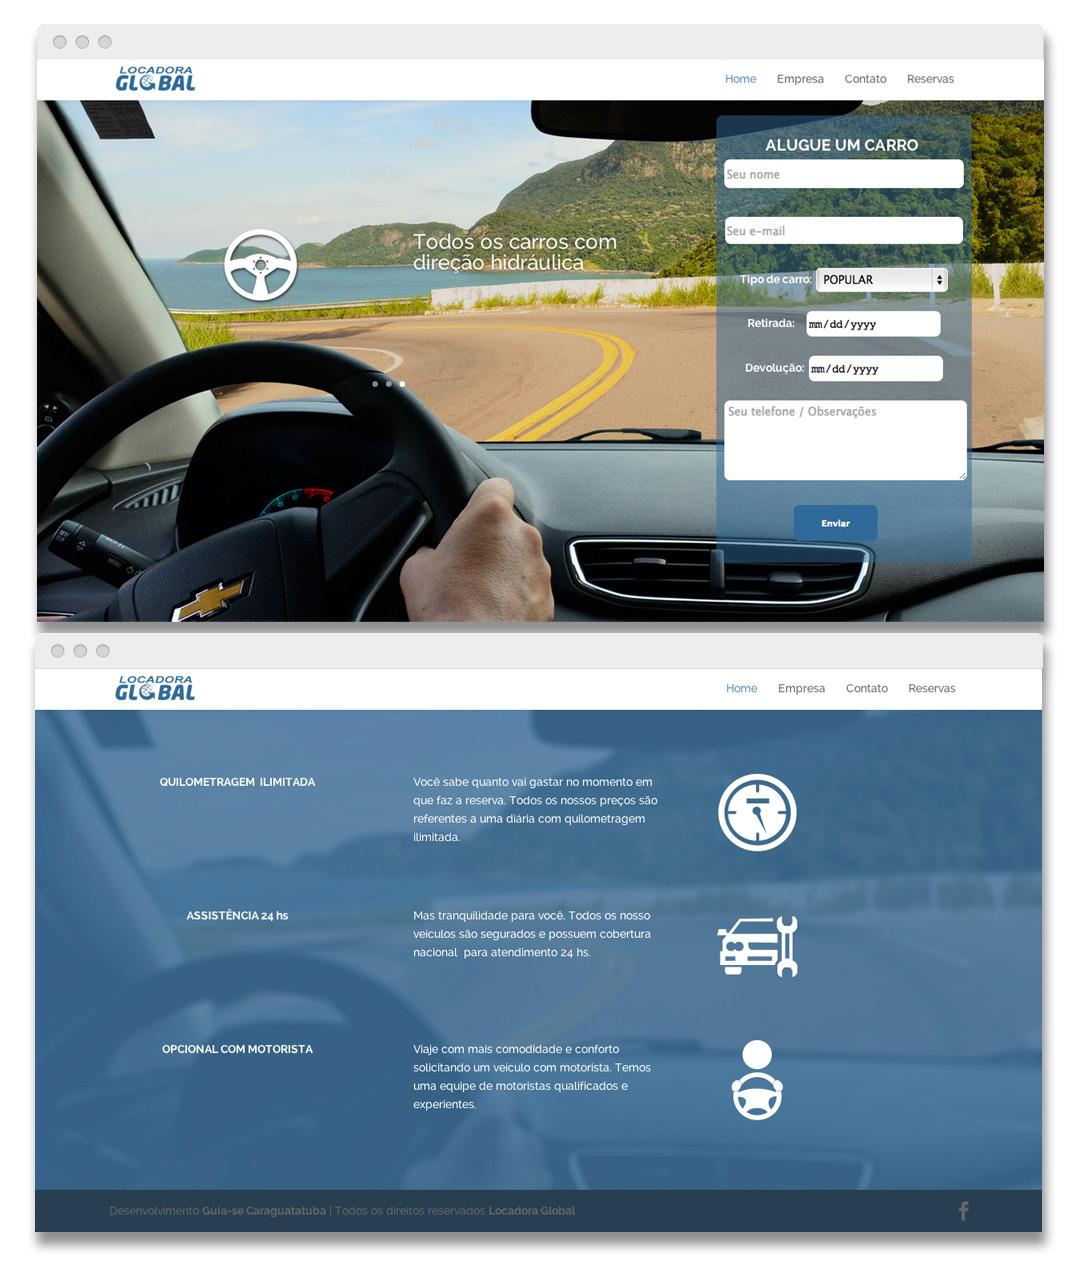 Kaori Yorado Website Design for Locadora Global